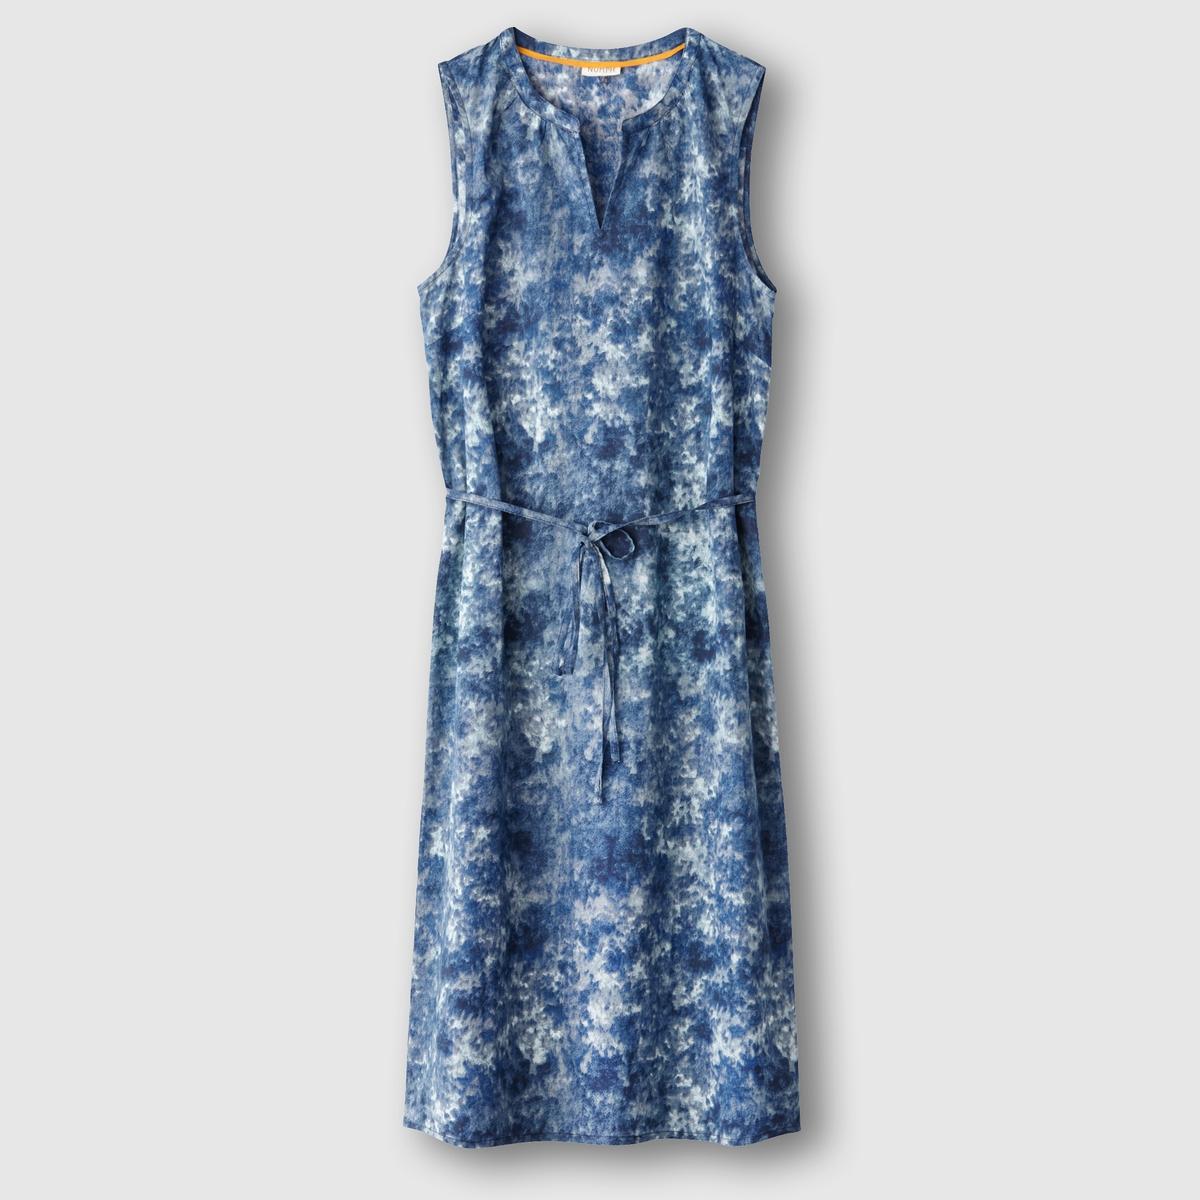 Платье с рисунком KasumiСостав и описаниеМарка : NUMPHМодель : KasumiМатериалы : 100% хлопкаУходМашинная стирка при 30 °C в деликатном режиме с вещами схожих цветов<br><br>Цвет: наб. рисунок синий<br>Размер: 38 (FR) - 44 (RUS)